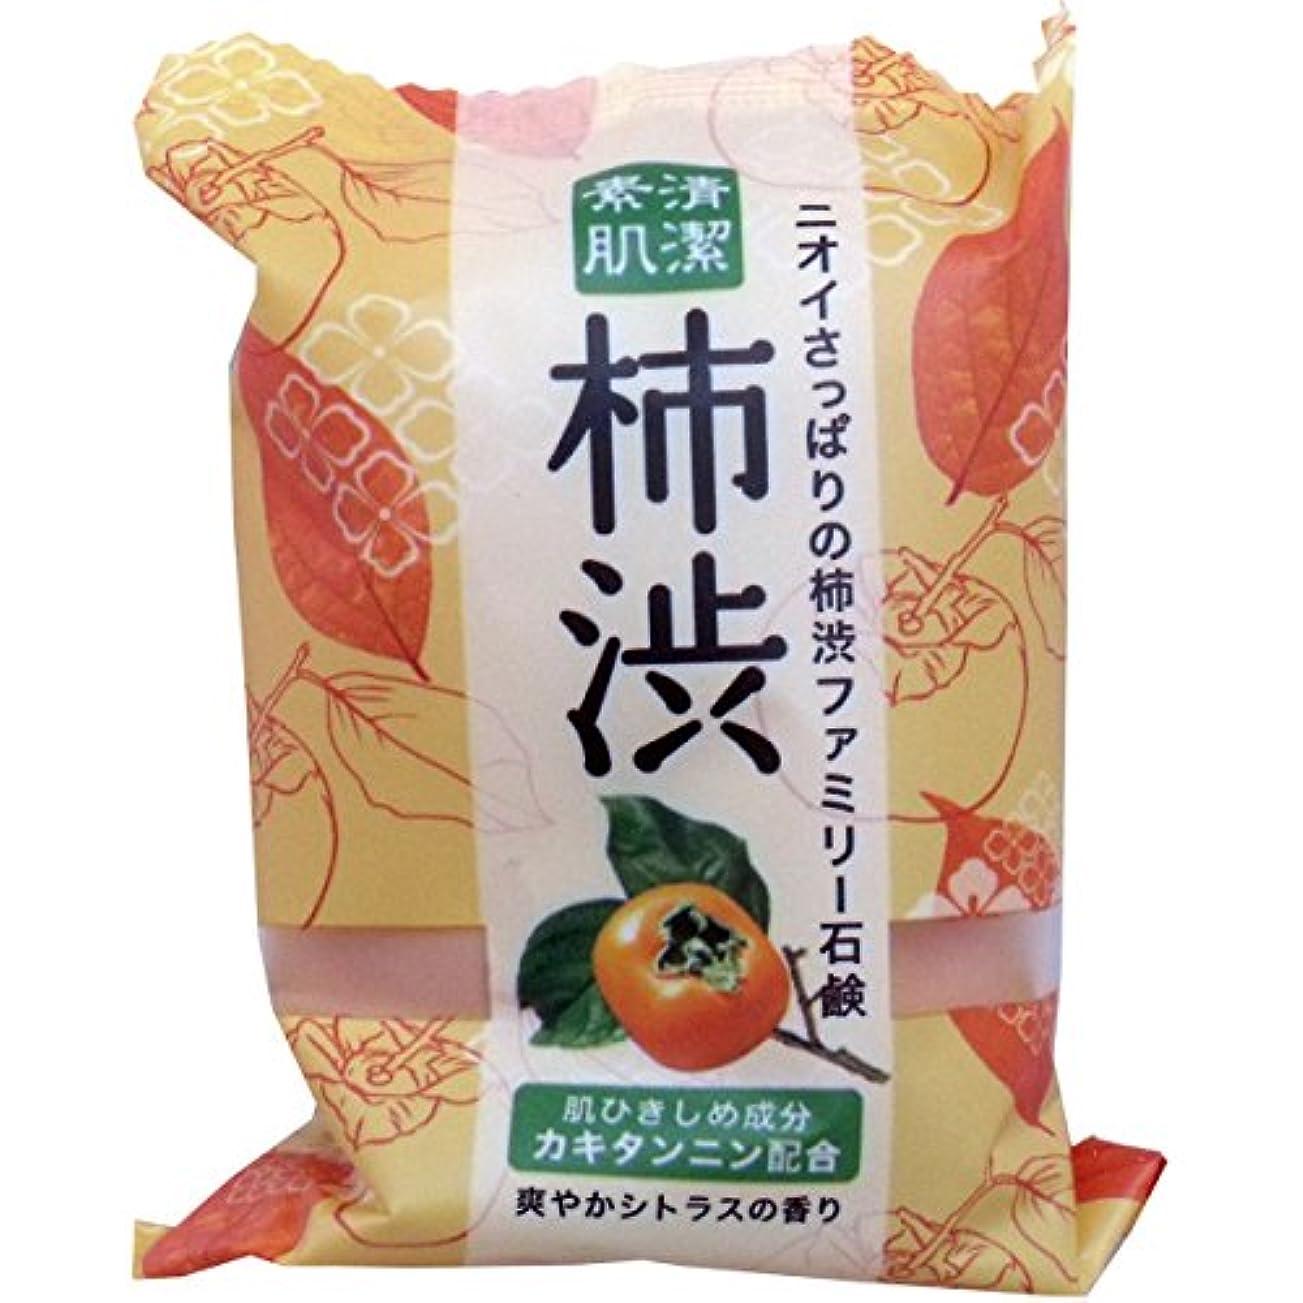 荒れ地スキニートロリーバスペリカン石鹸 ファミリー柿渋石鹸(1個) ×2セット